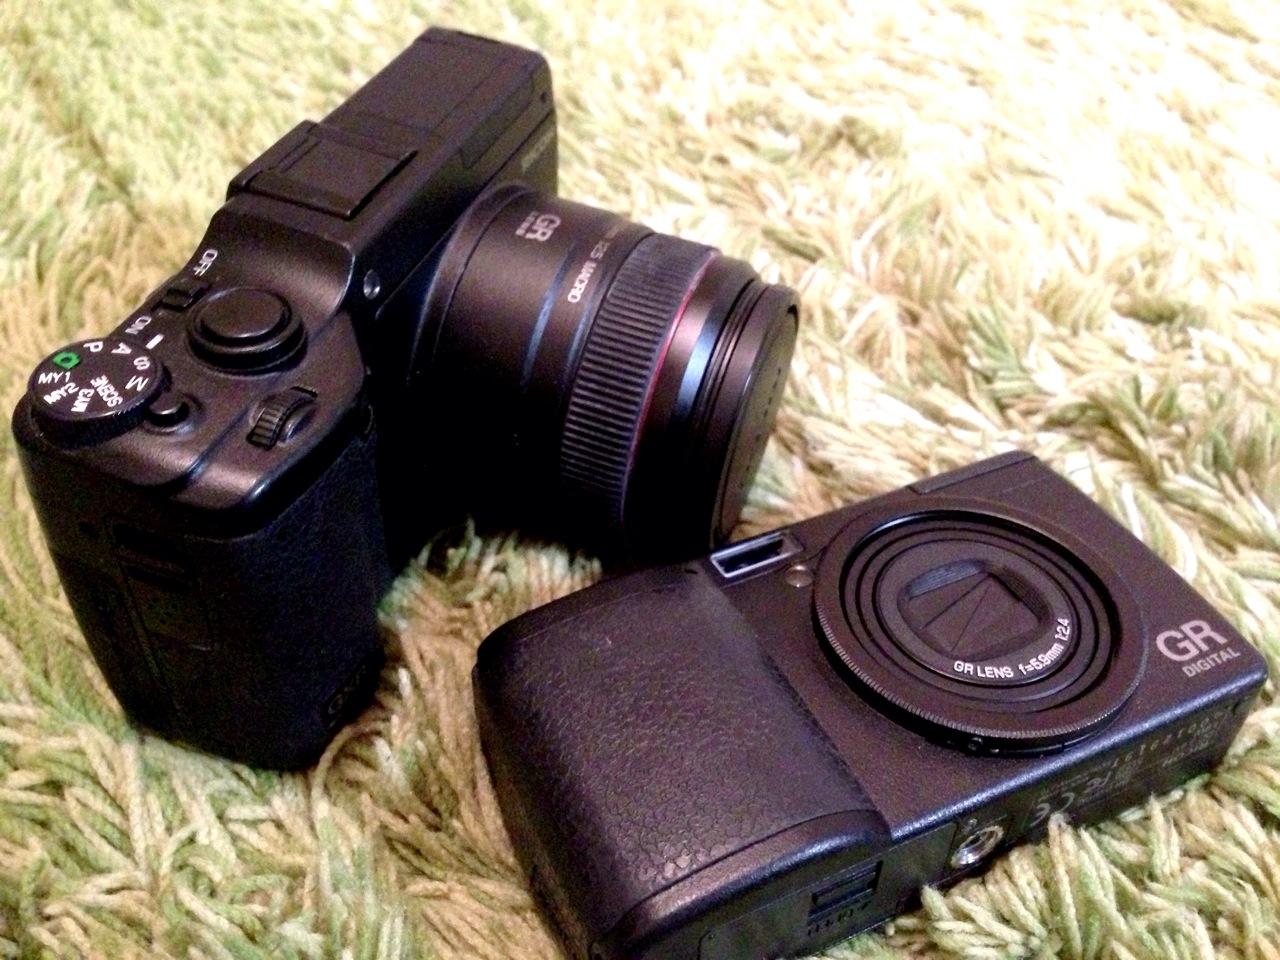 リコーのデジタルカメラGR DigitalとGXRを使い続けている理由は、単焦点レンズのおかげで直線がキッチリ直線で写るからだ!